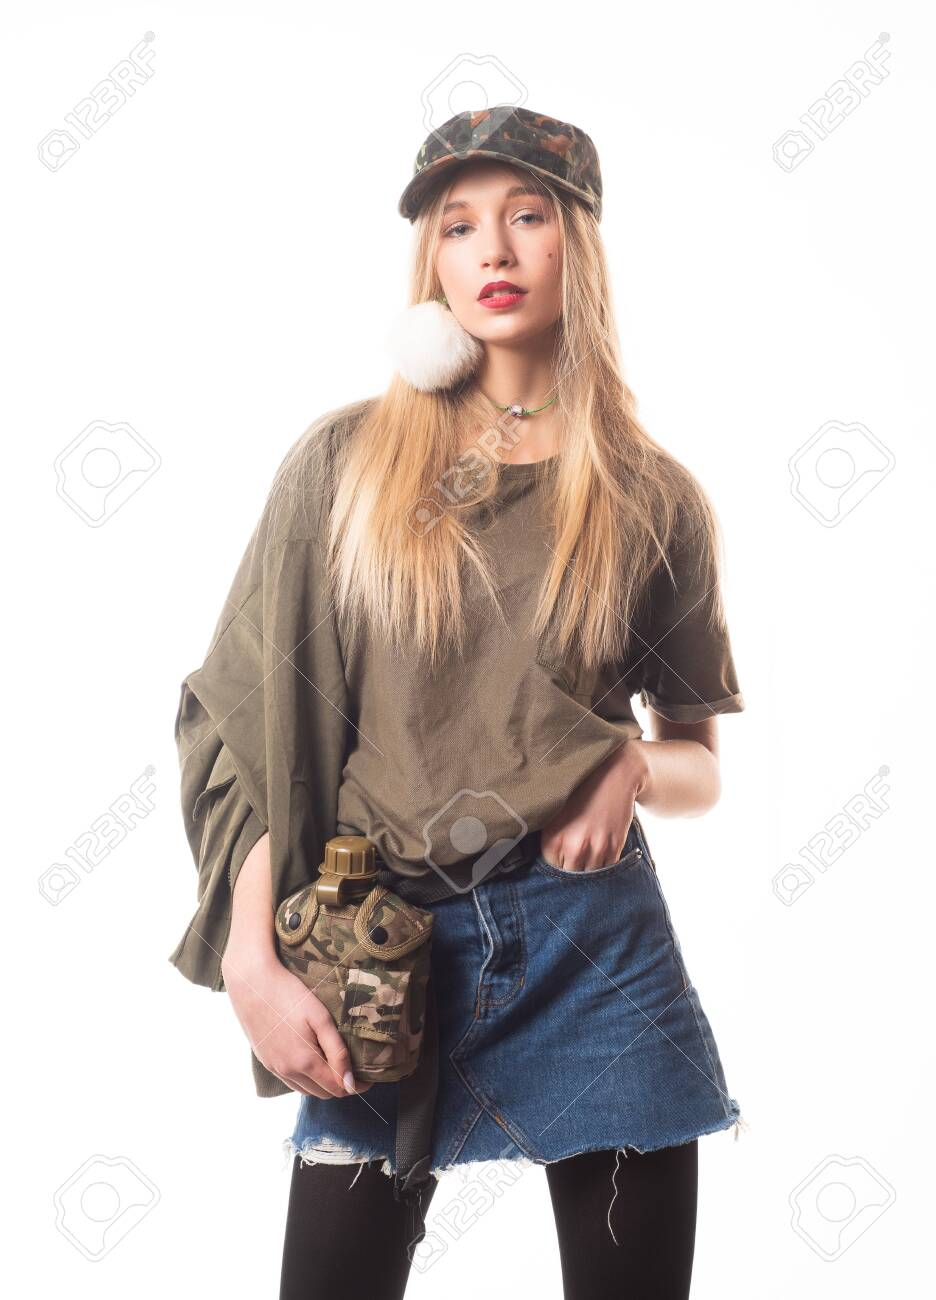 A model from modeling agency  Sensual fashion model  Beauty model